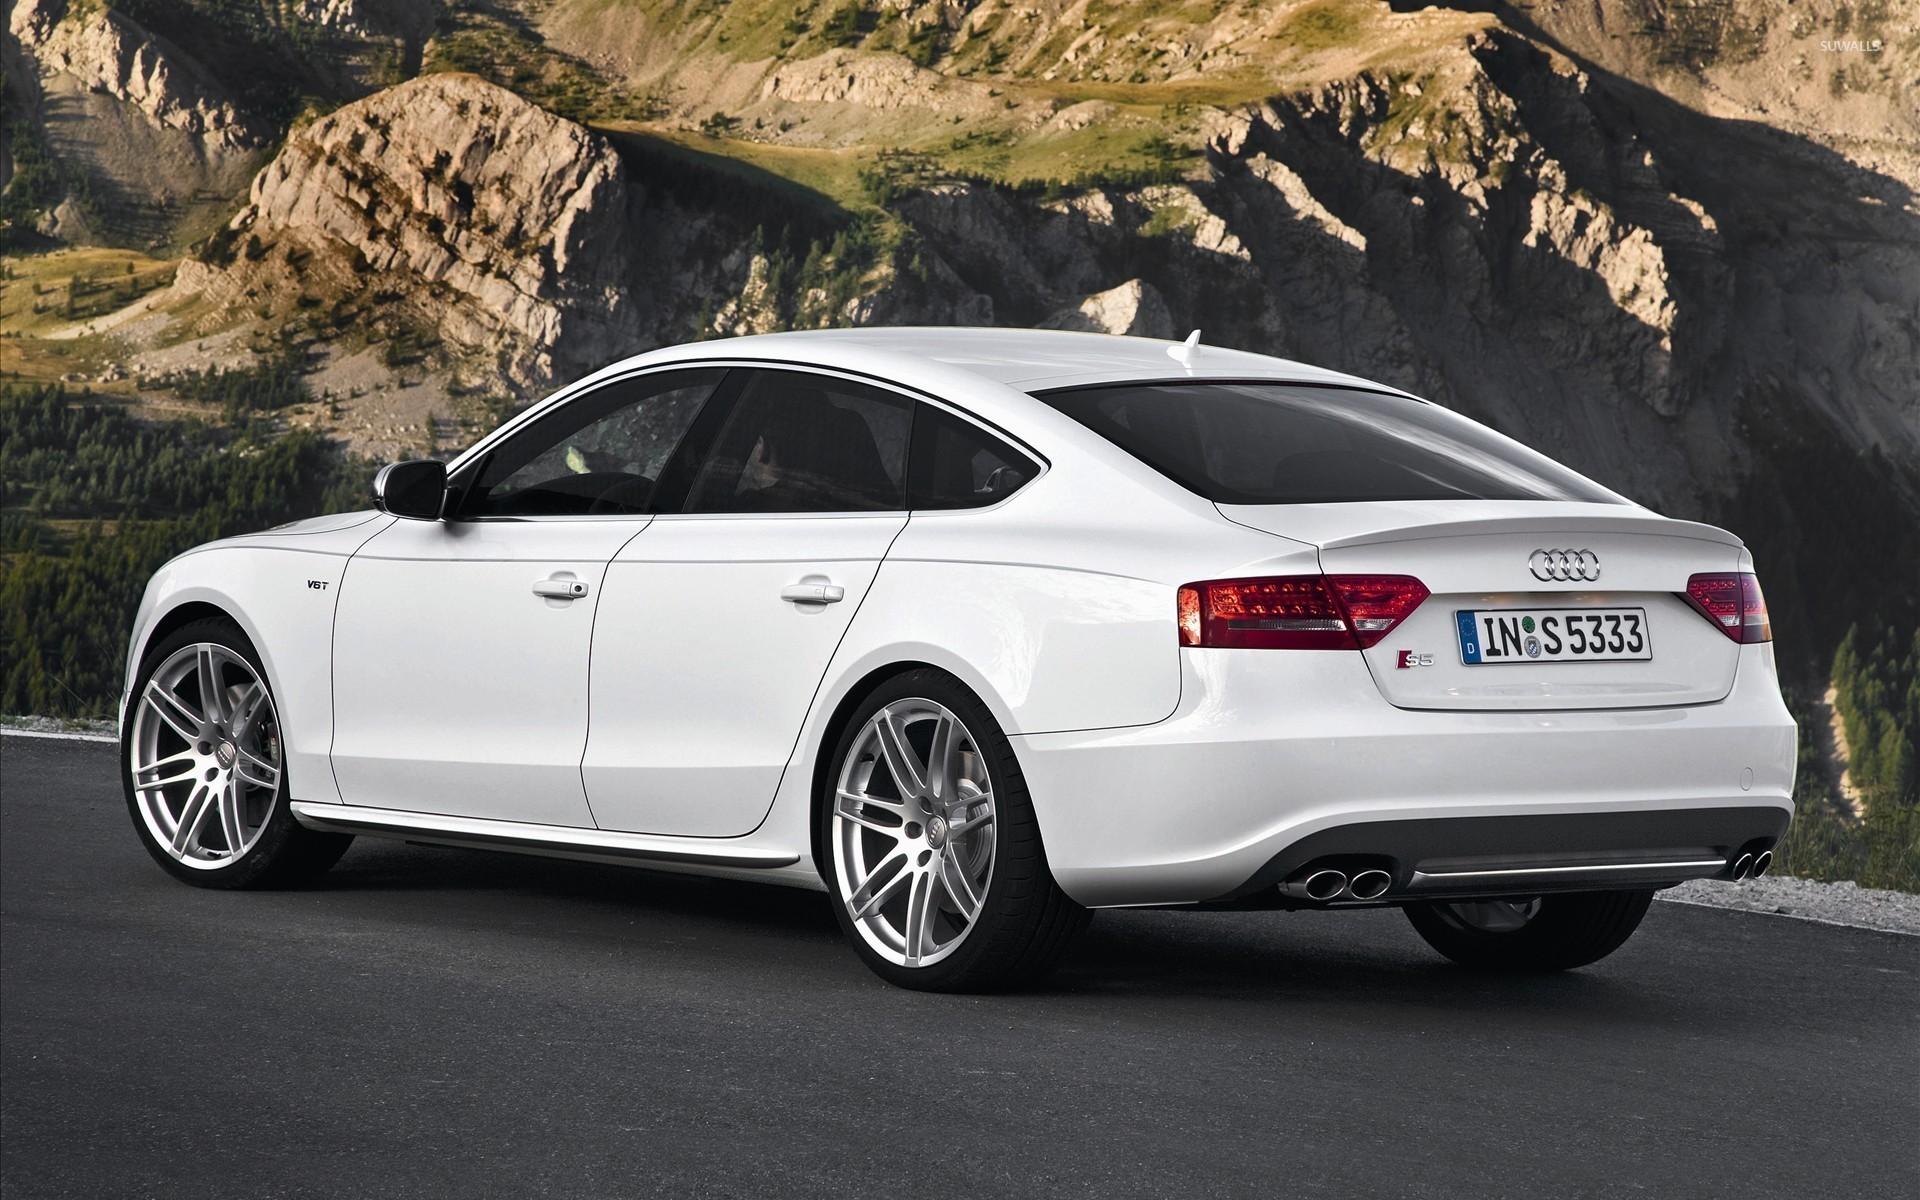 Res: 1920x1200, Audi S5 wallpaper